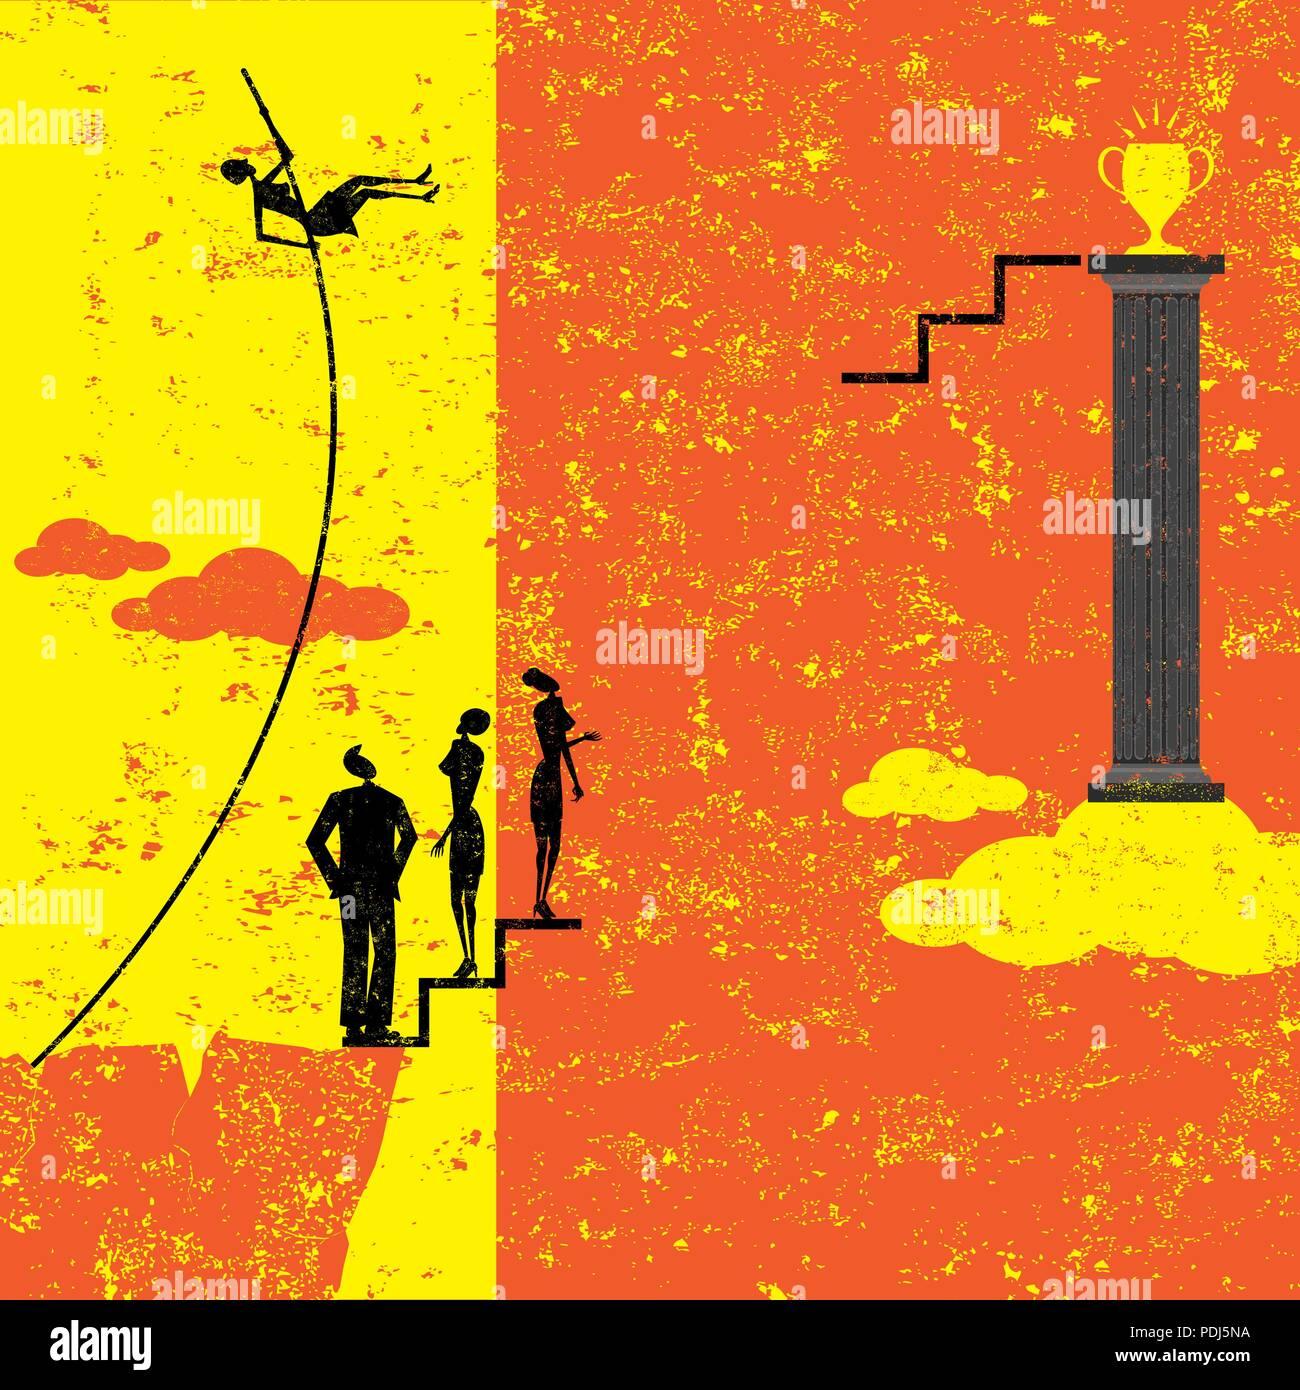 Superare gli ostacoli. Una imprenditrice pole vaulting su altre attività di persone di raggiungere il suo obiettivo. Illustrazione Vettoriale